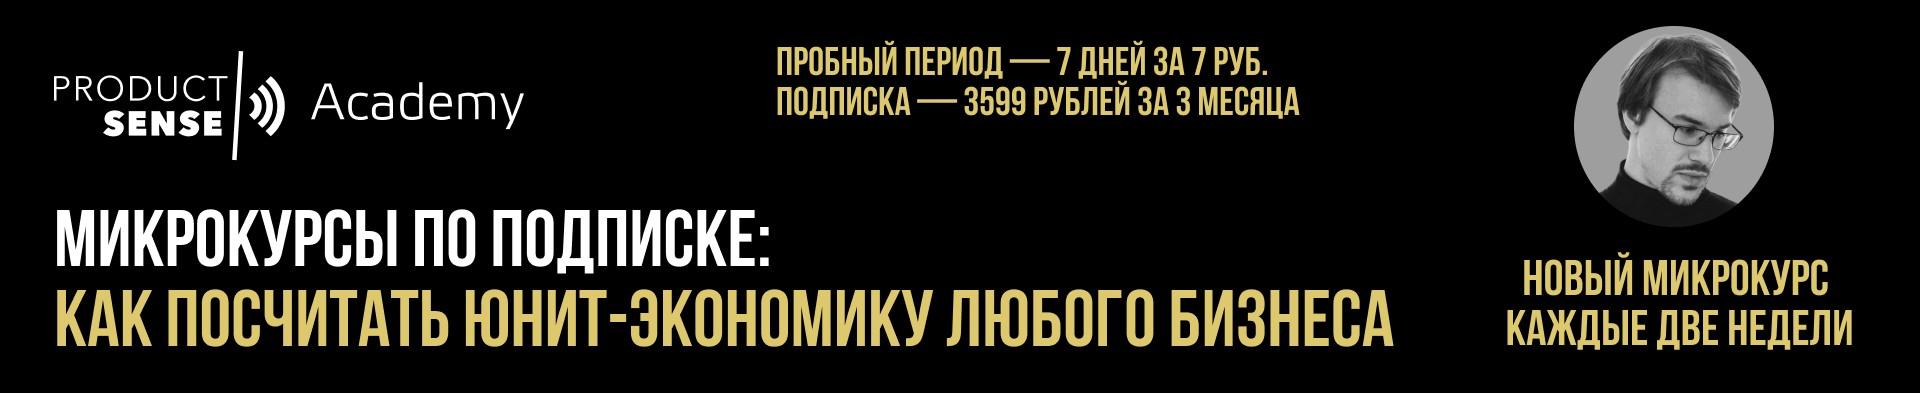 Микрокурс «Как посчитать юнит-экономику любого бизнеса» — Станислав Минасов